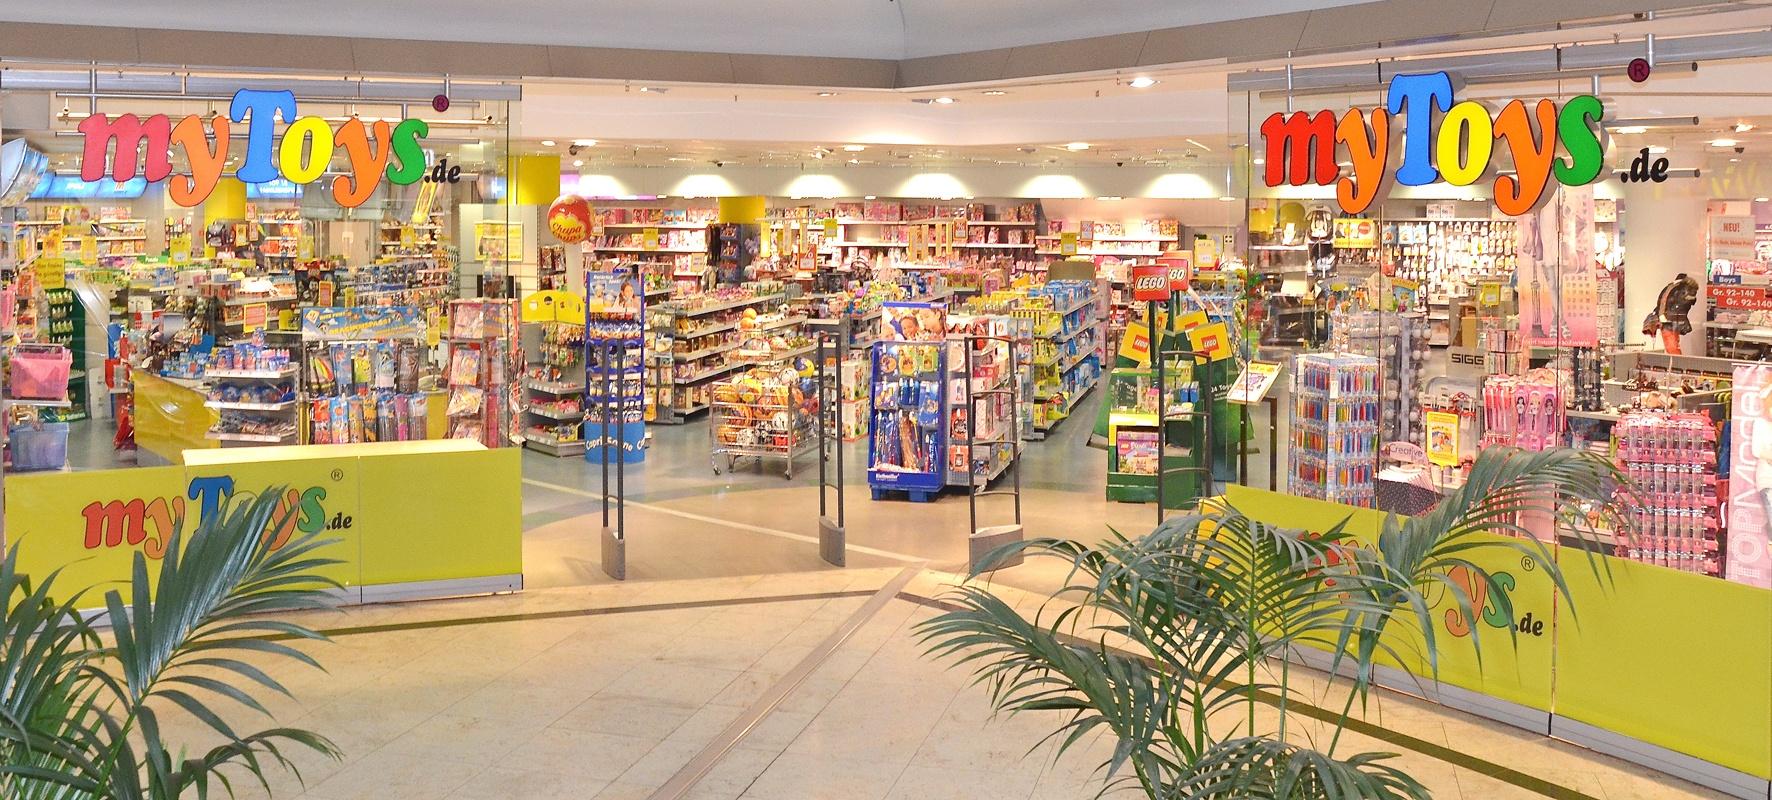 b5aa6d2daa2fa6 myToys Filiale Kassel - myToys Filiale in Kassel